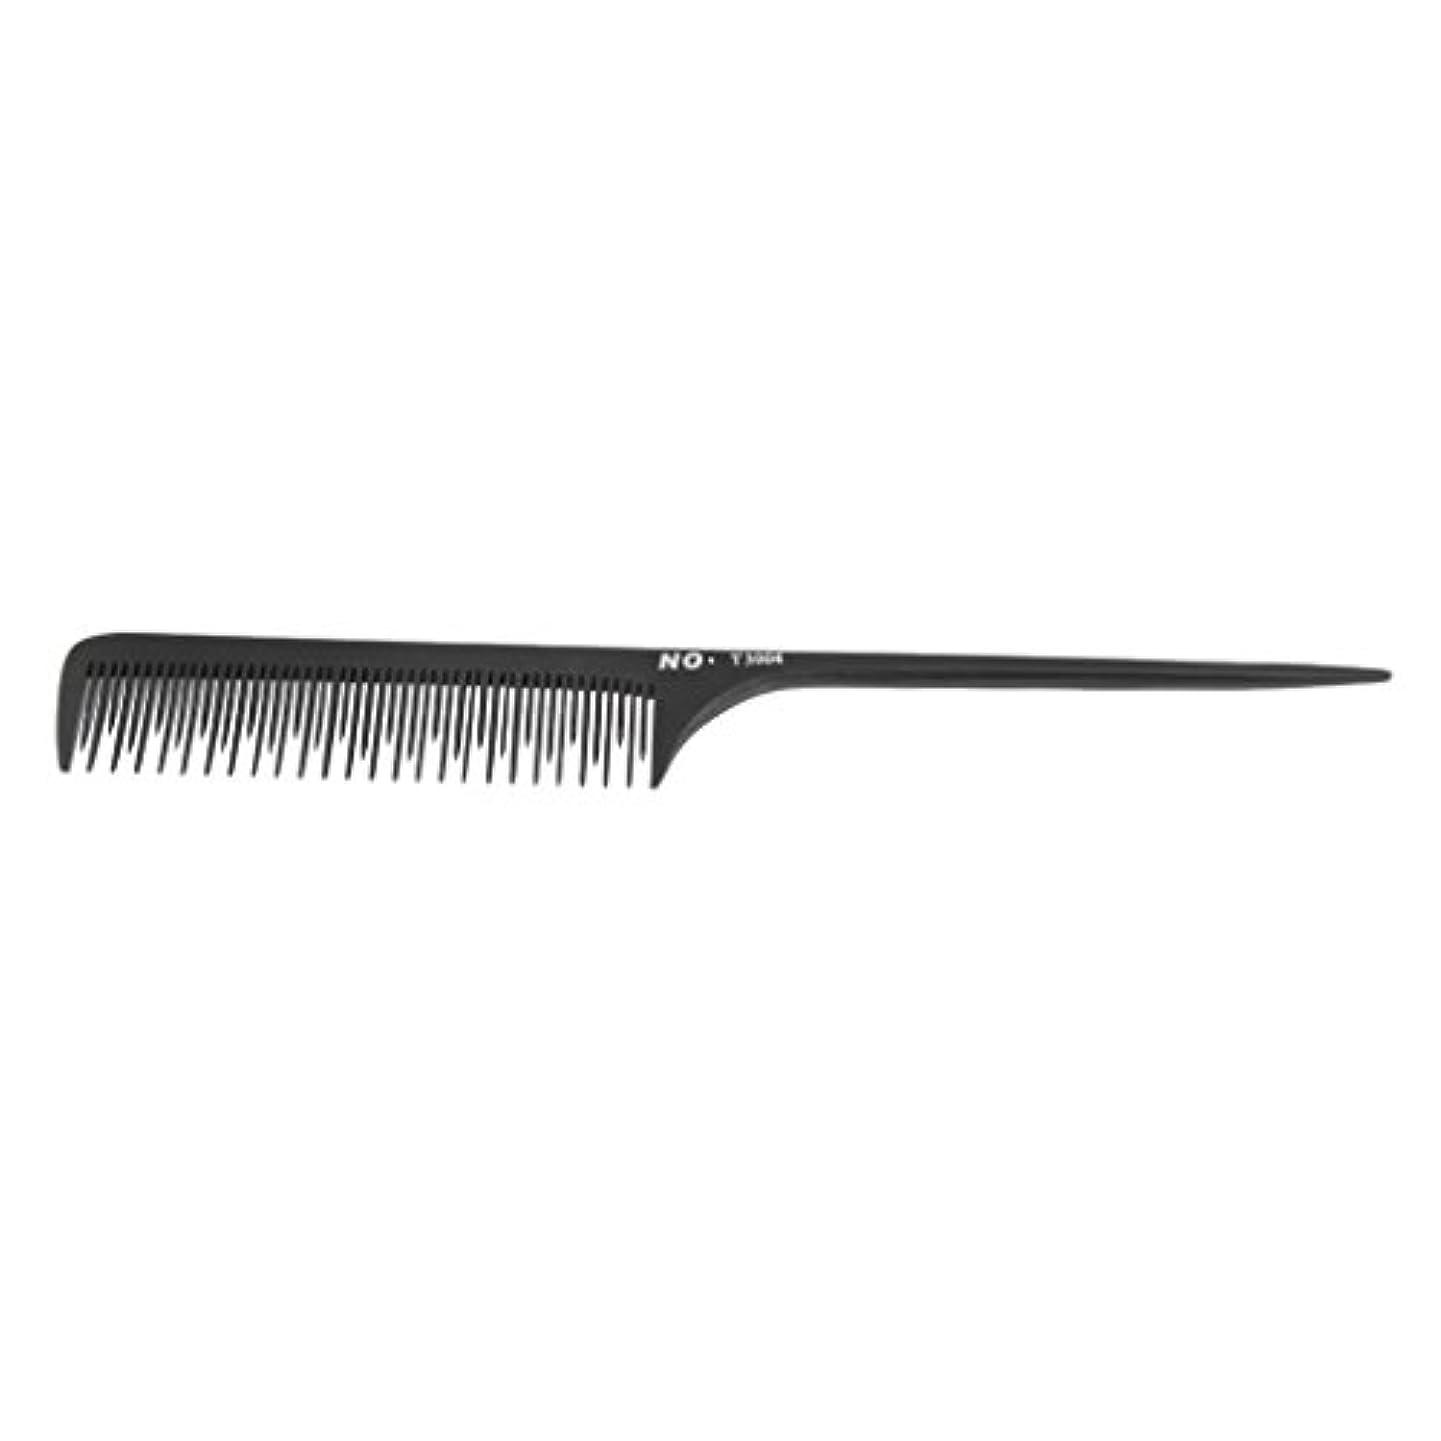 クリック才能浸したHomyl サロン 理髪師 ヘアスタイリング 櫛 テールコーム ヘアコーム ヘアブラシ プロ 2タイプ選べ - t3004